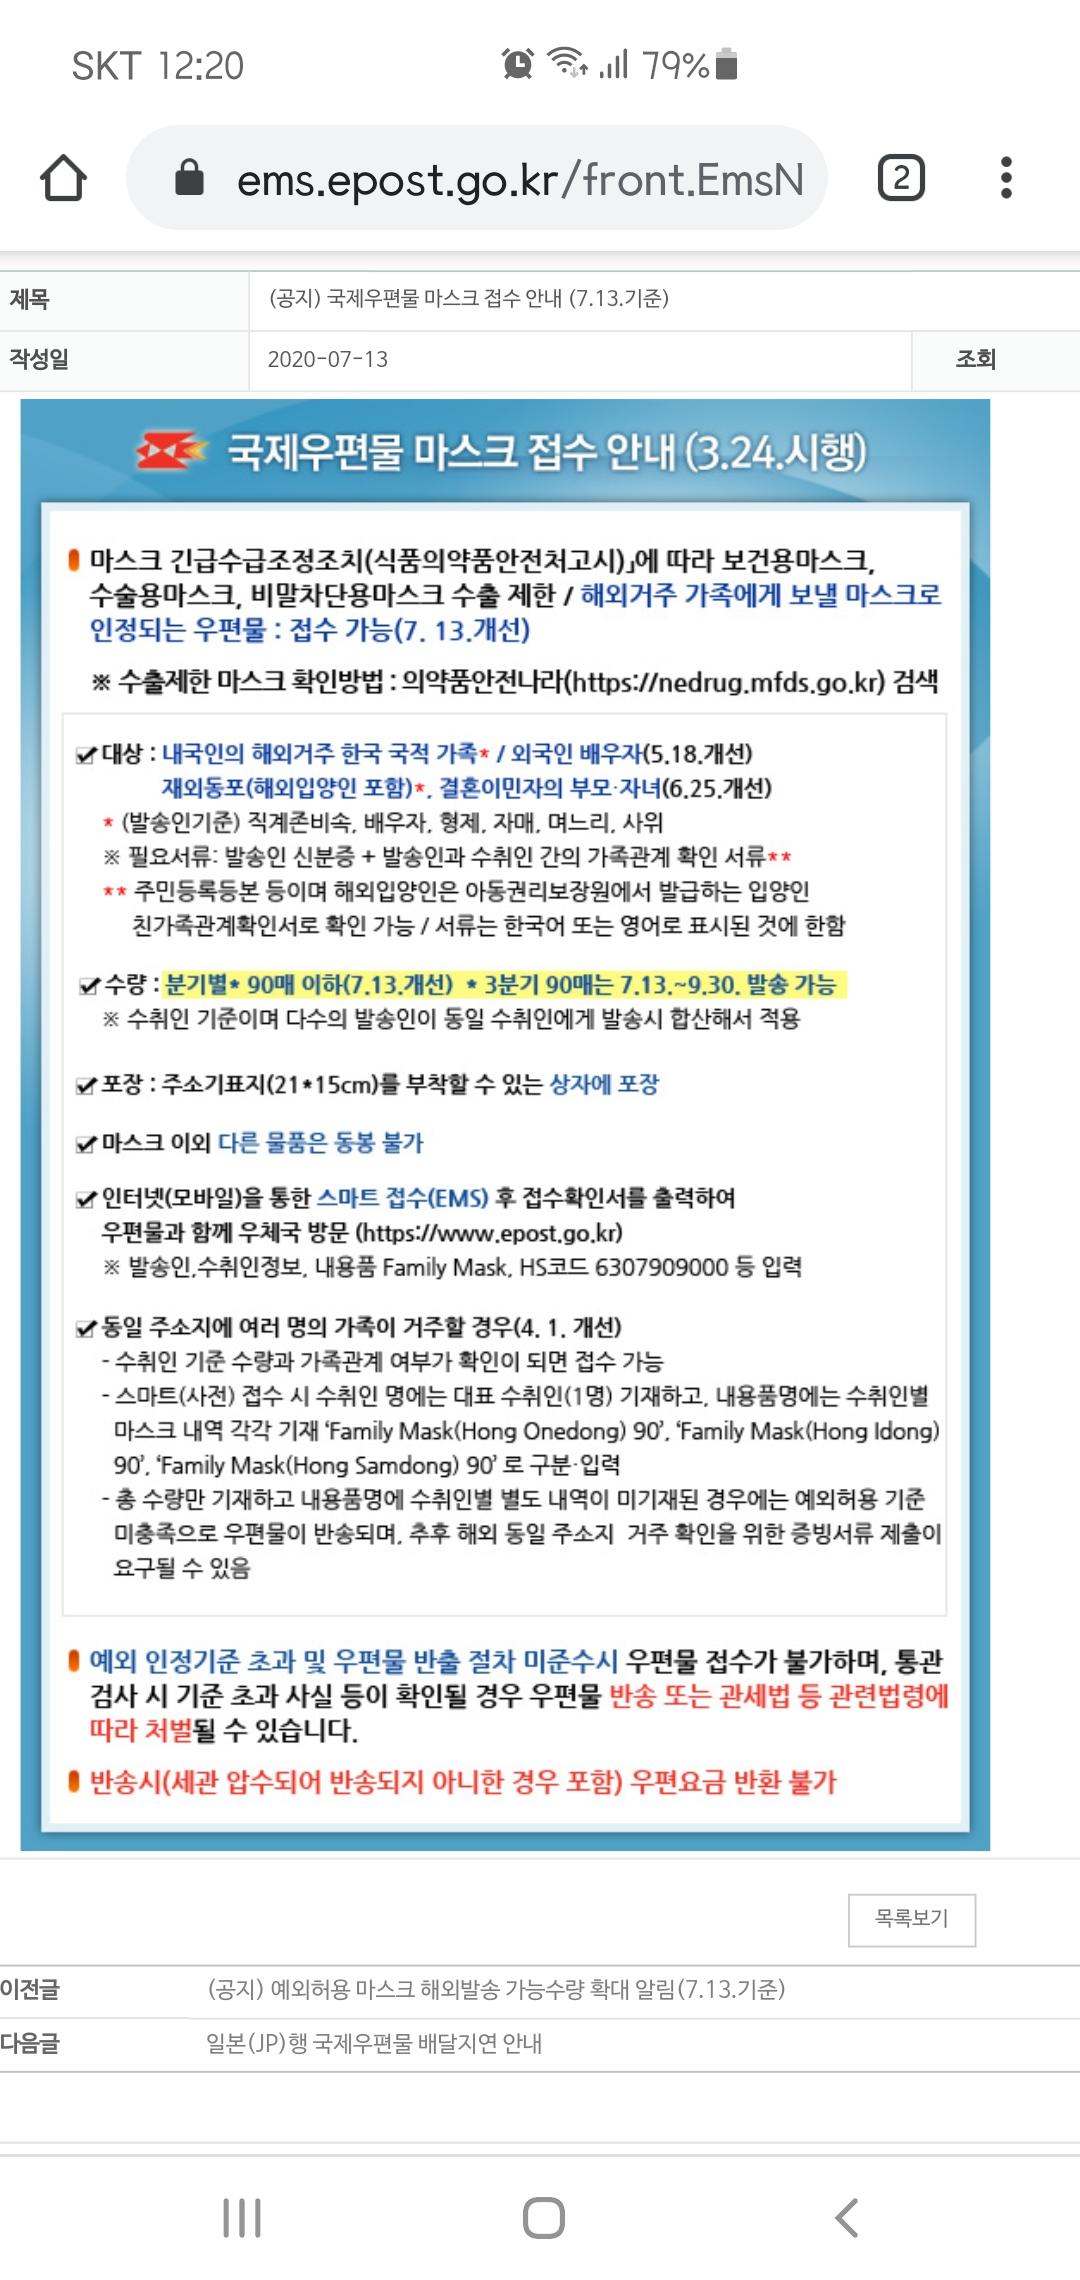 미국 사는 언니에게 kf94마스크 보내기(7월 13일 업데이트) : 분기별(3개월)에 90개 이하/ 일반 박스 사용 가능(주의)